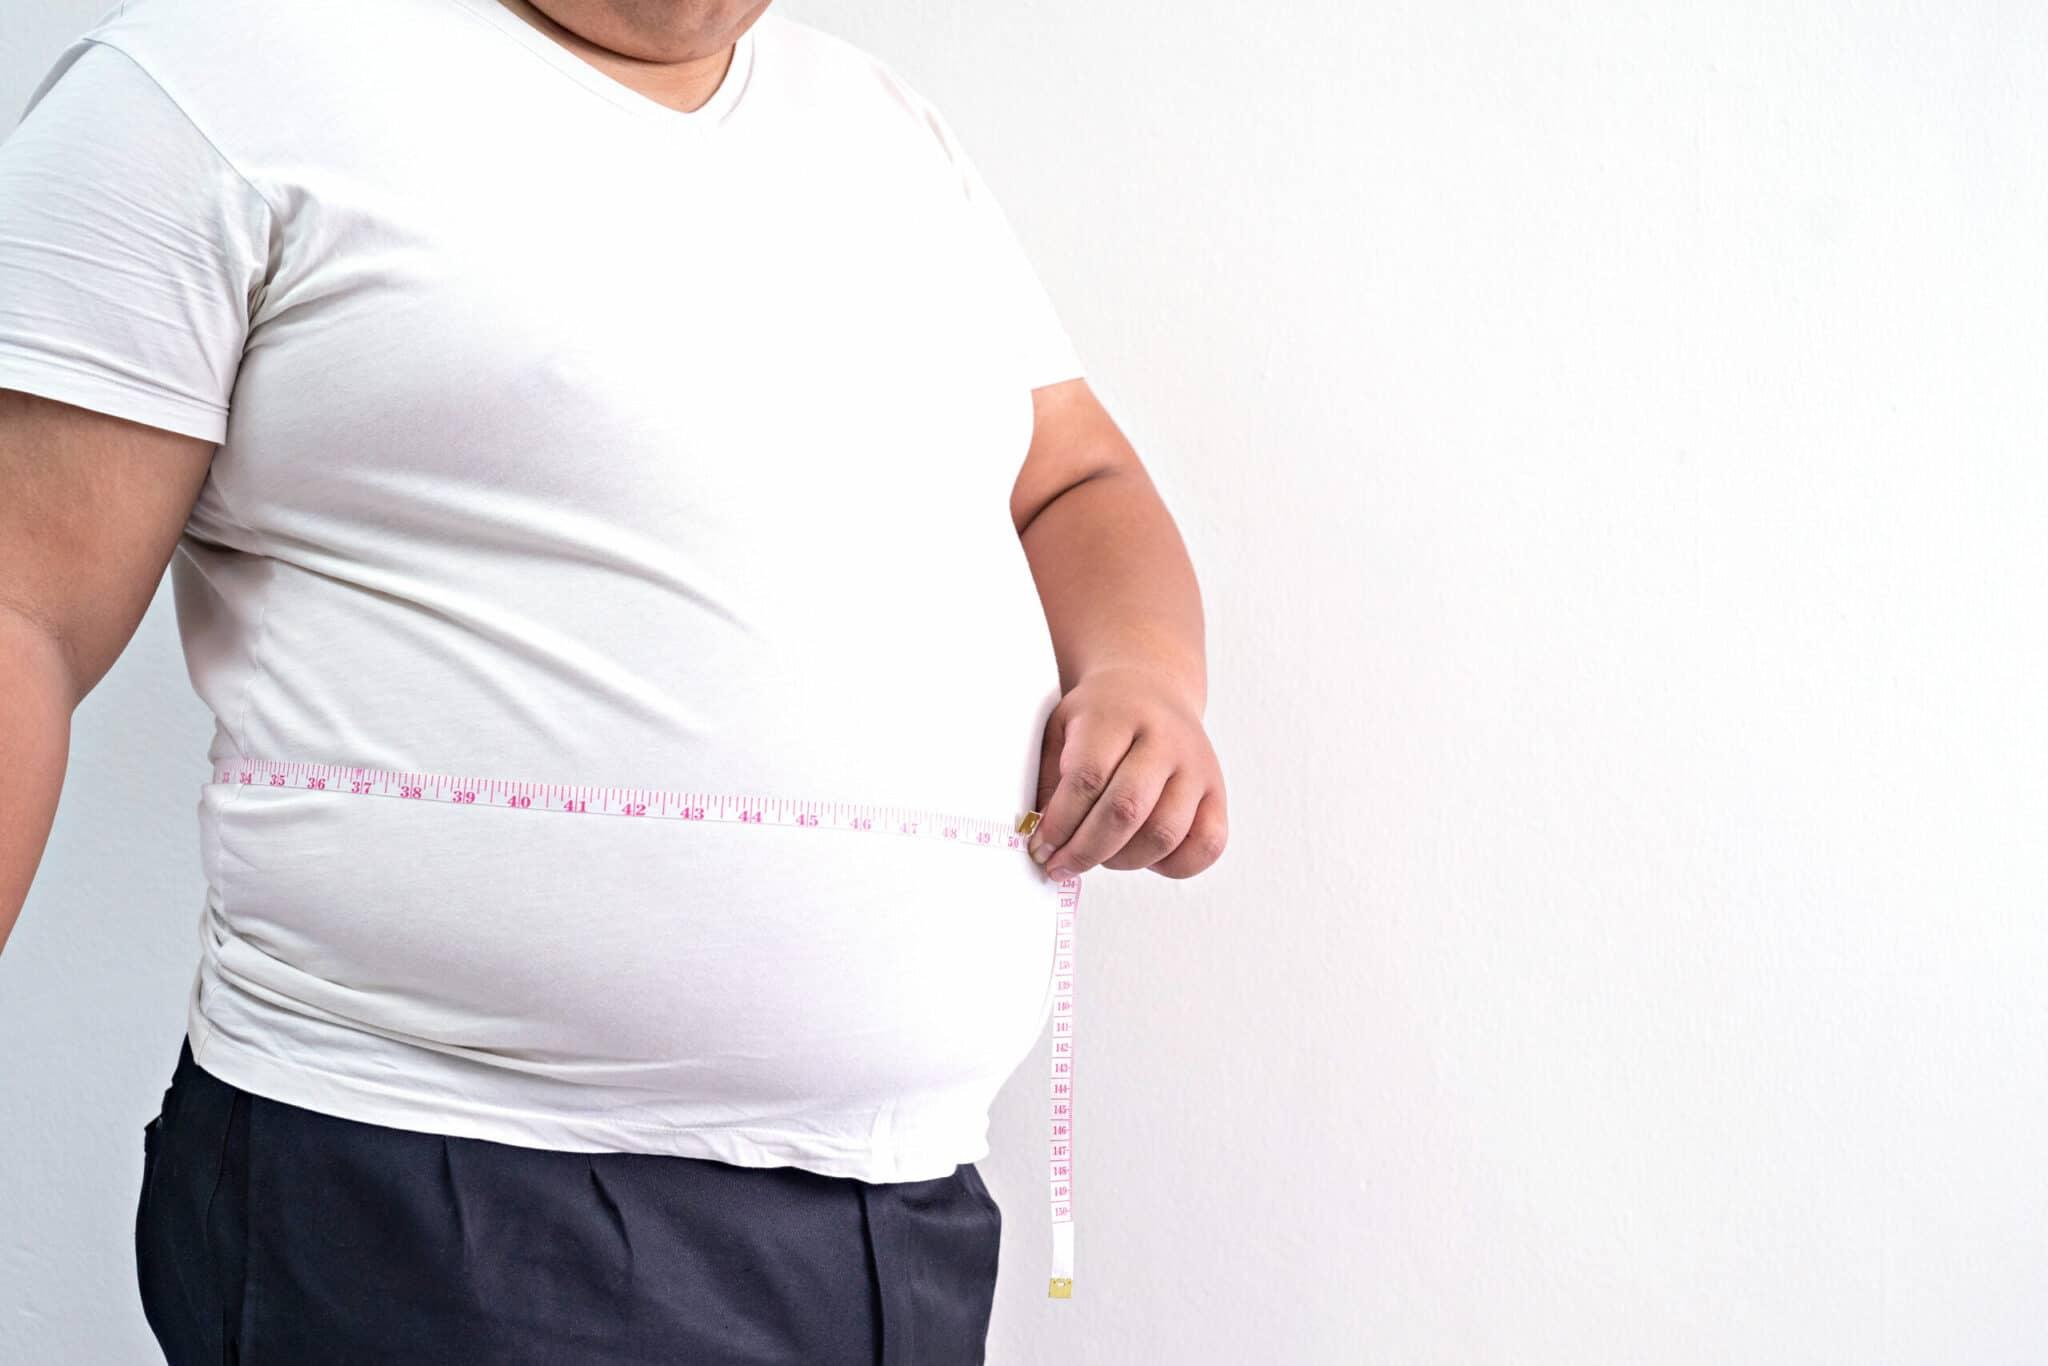 Obesità e fisioterapia